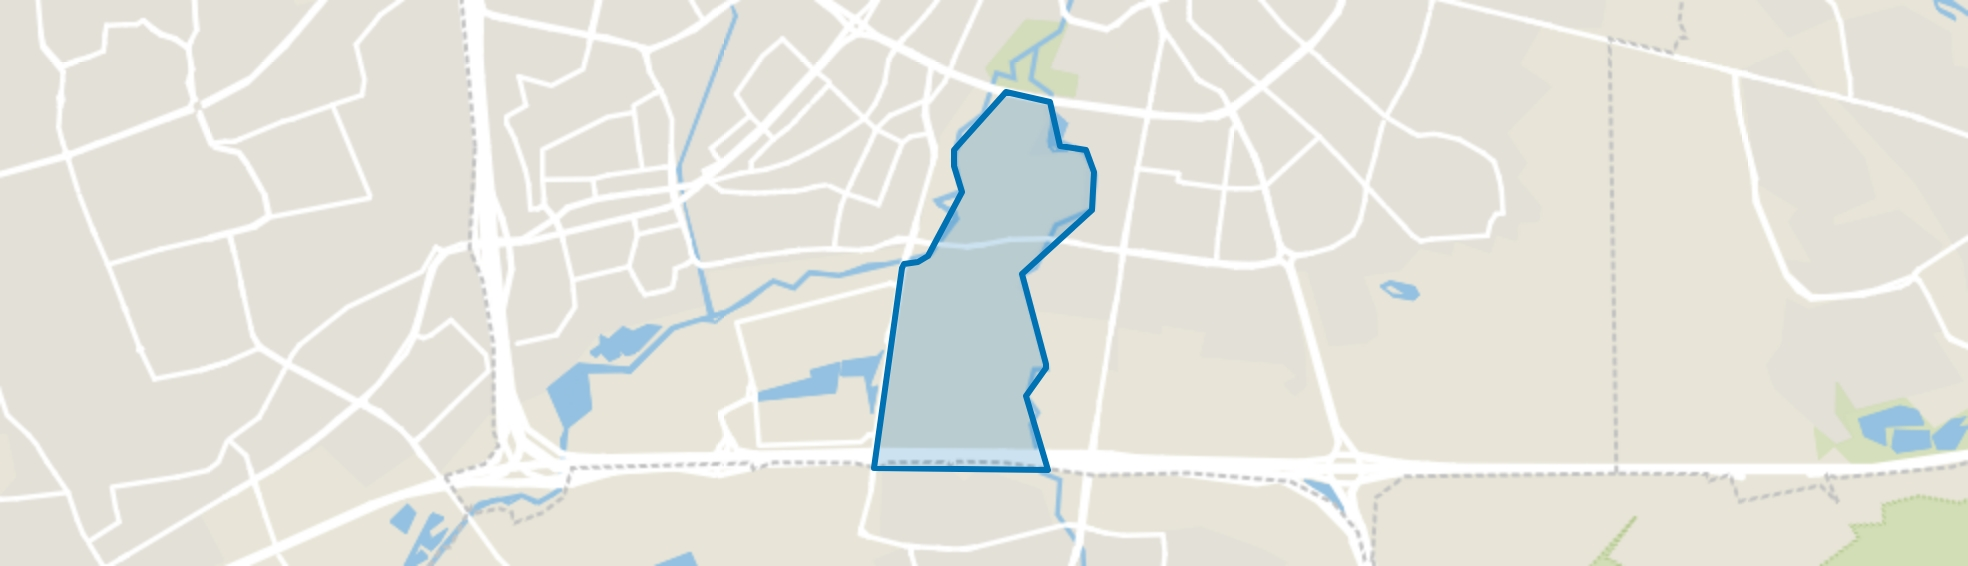 Gennep, Eindhoven map